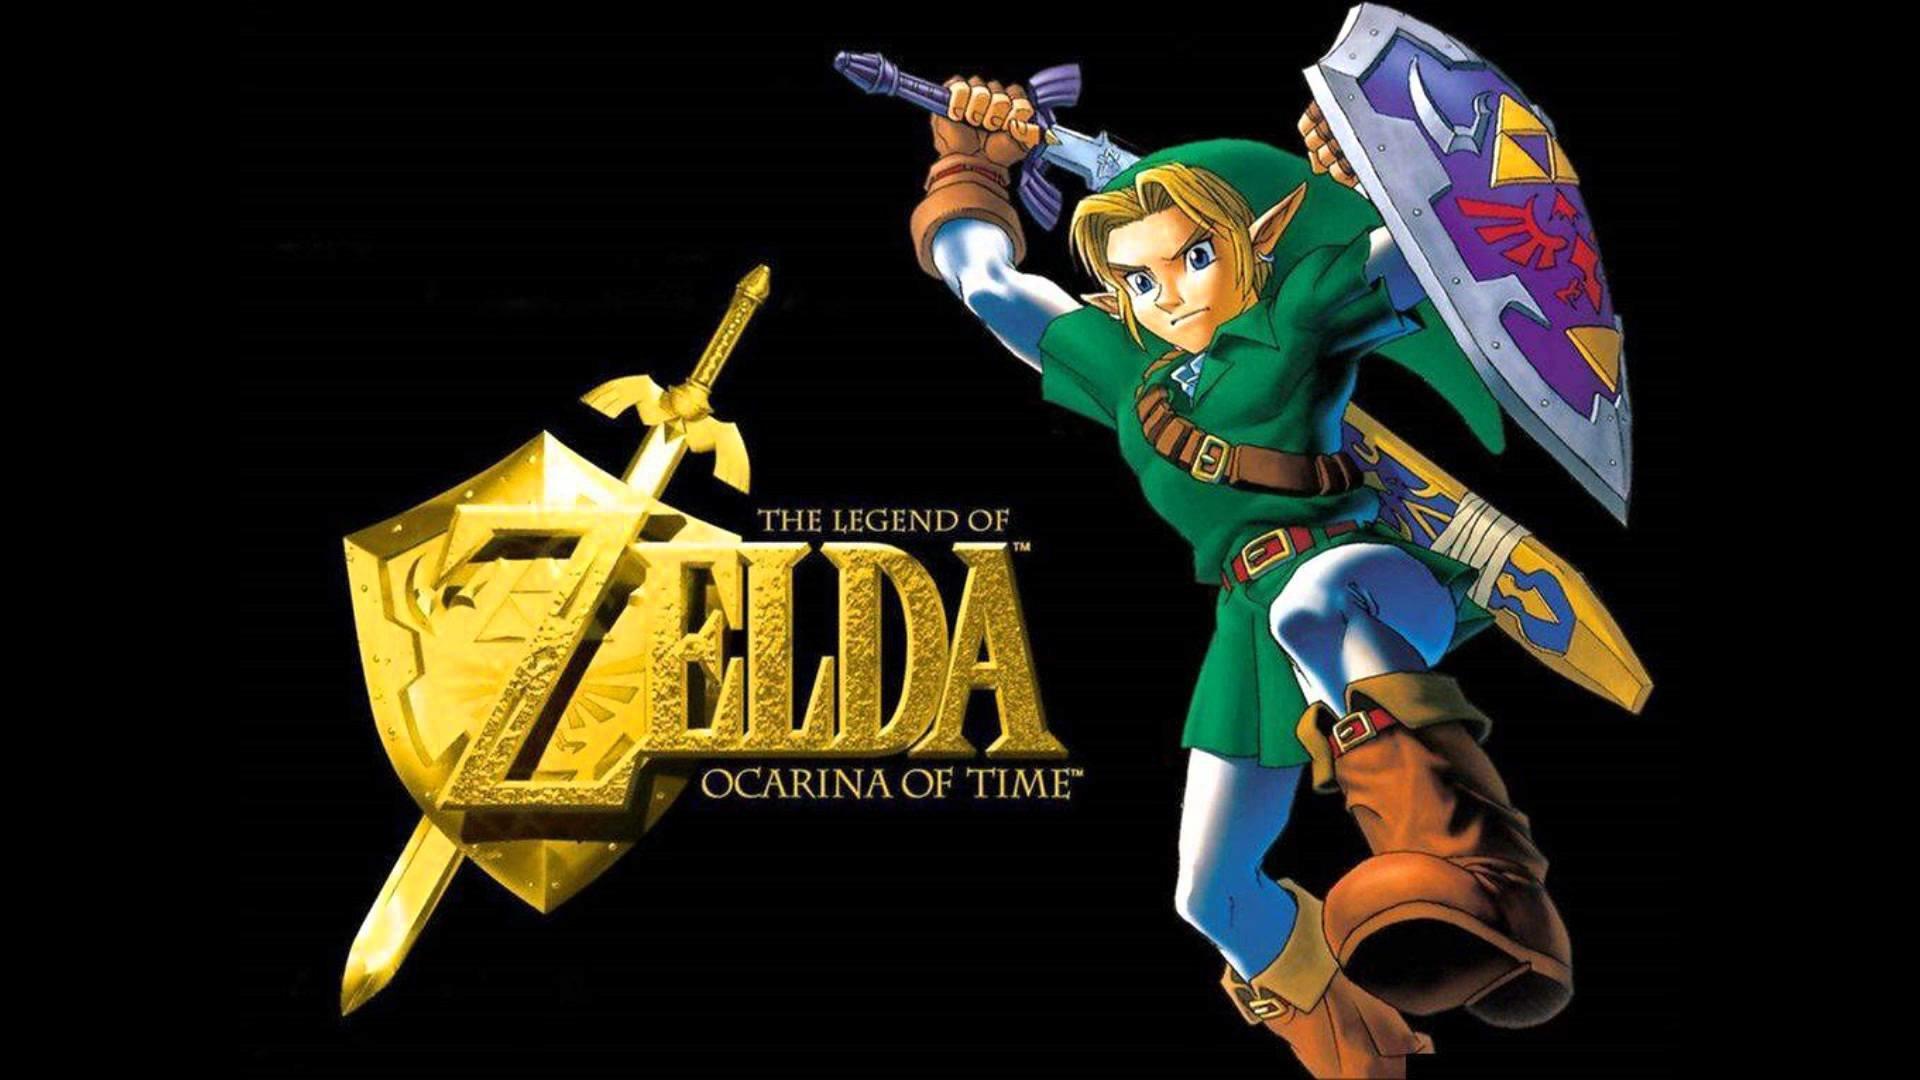 Beautiful Wallpaper Halloween Zelda - the-legend-of-zelda-ocarina-of-time-wallpaper-full-hd-151648  Graphic_128481.jpg